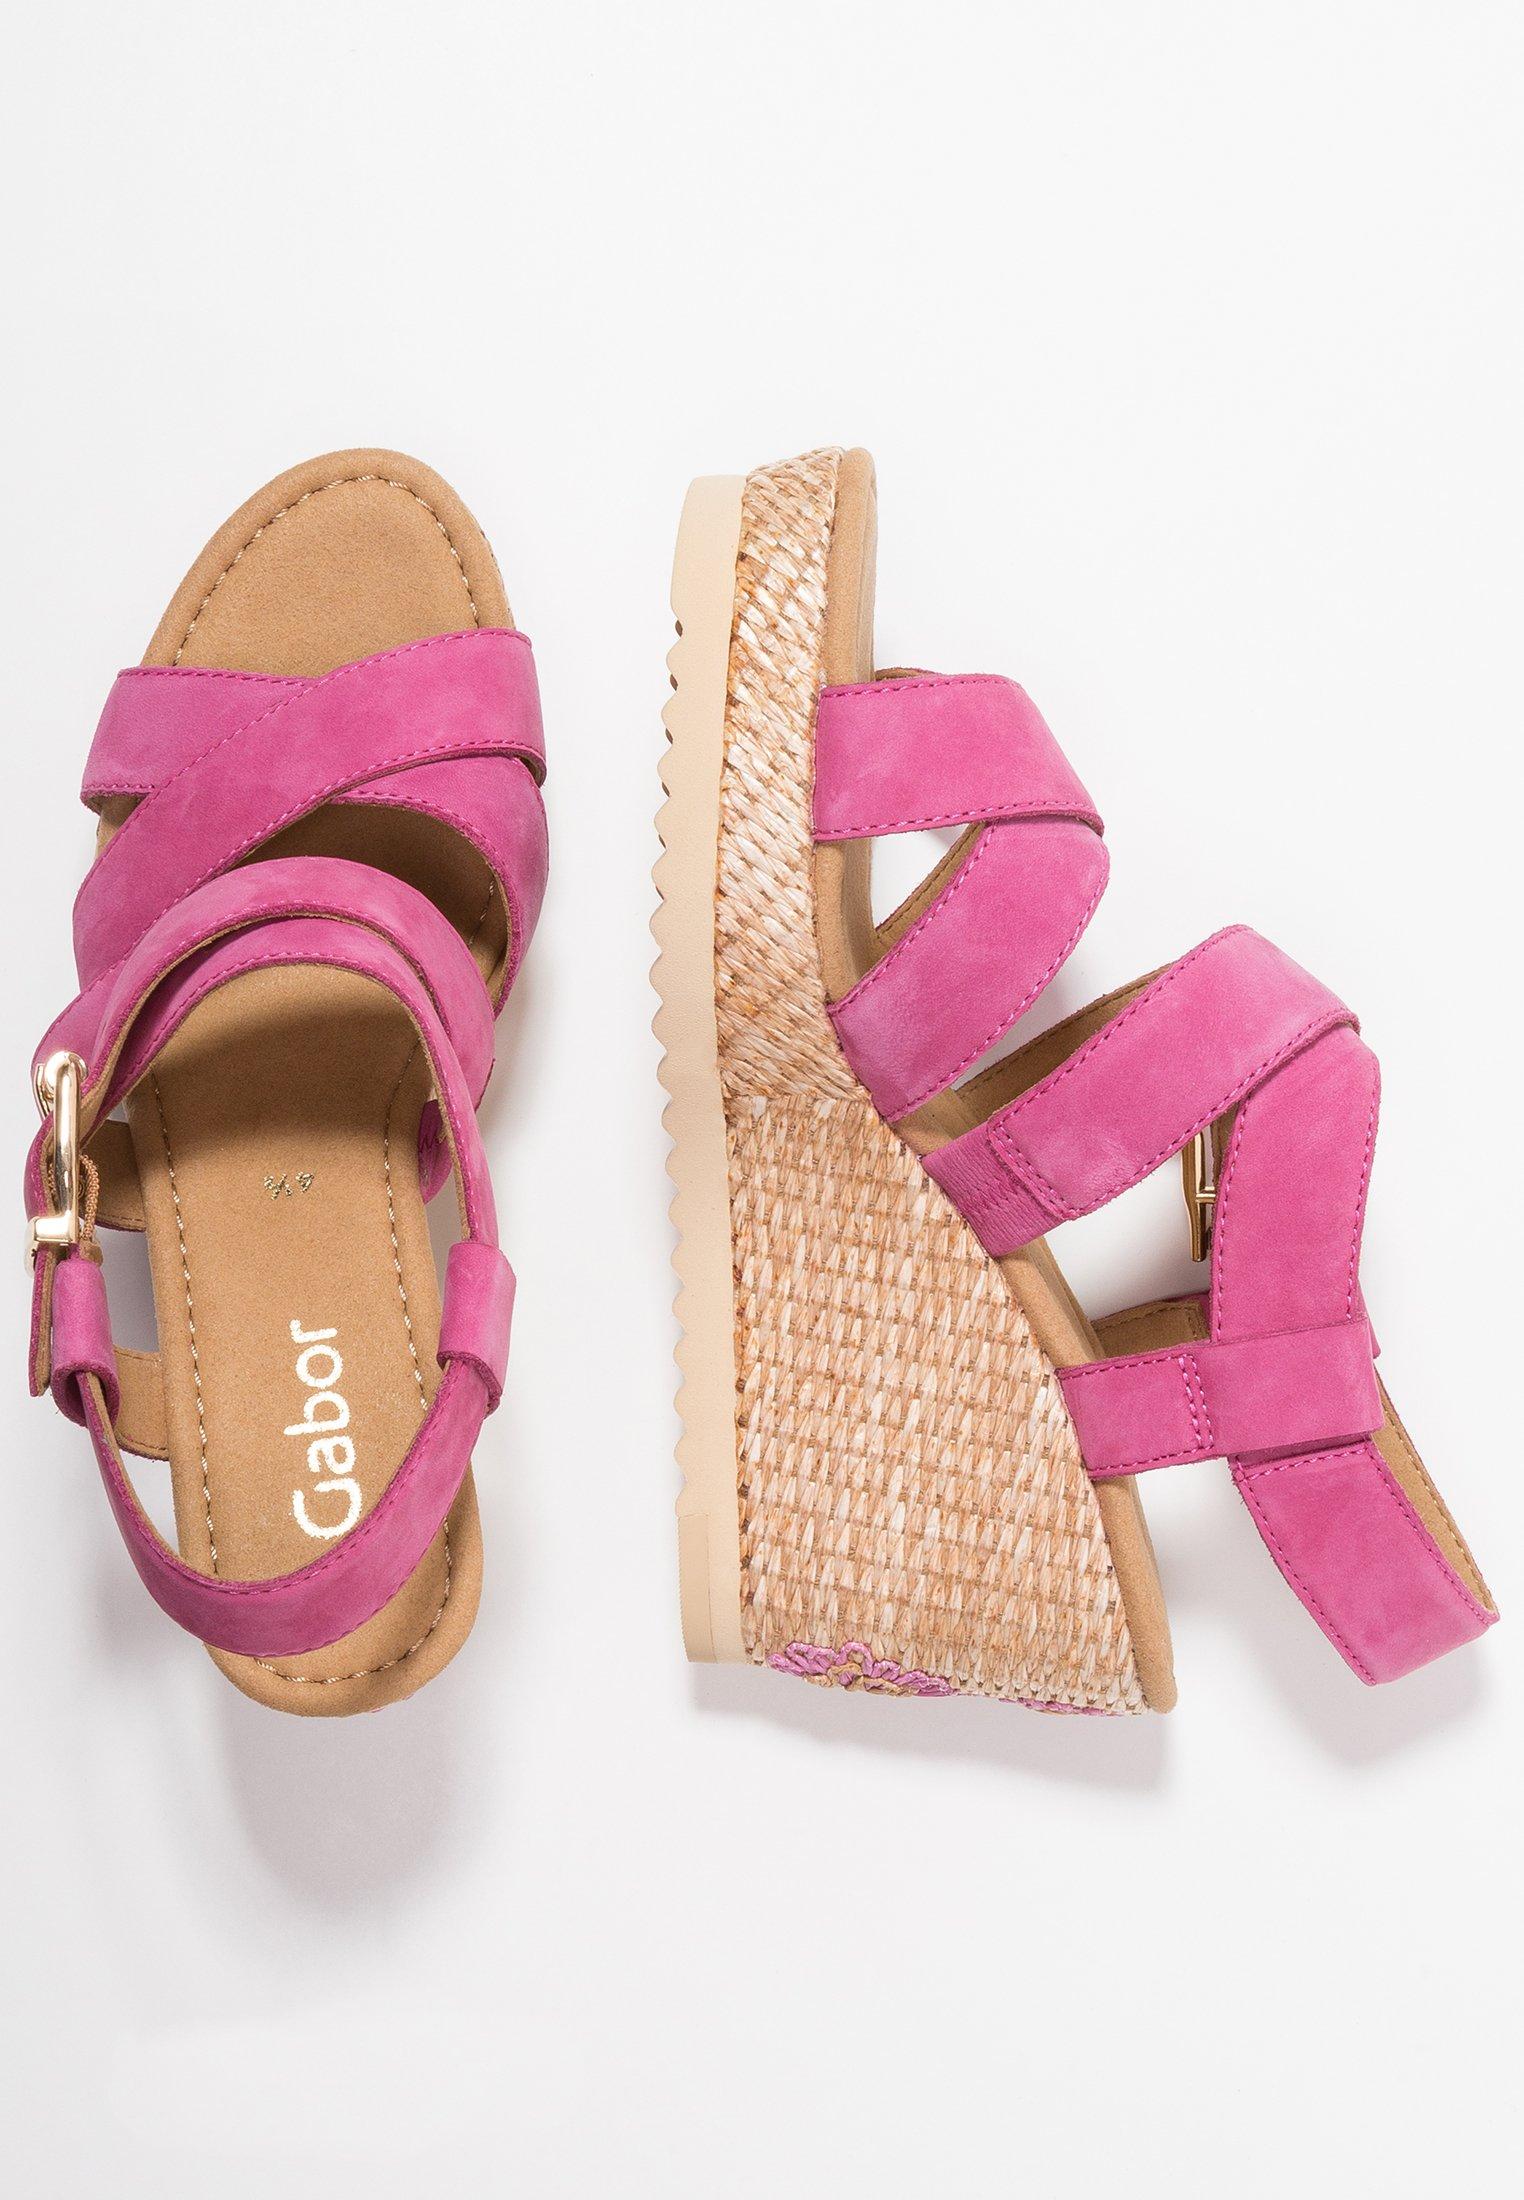 High heeled sandals pink